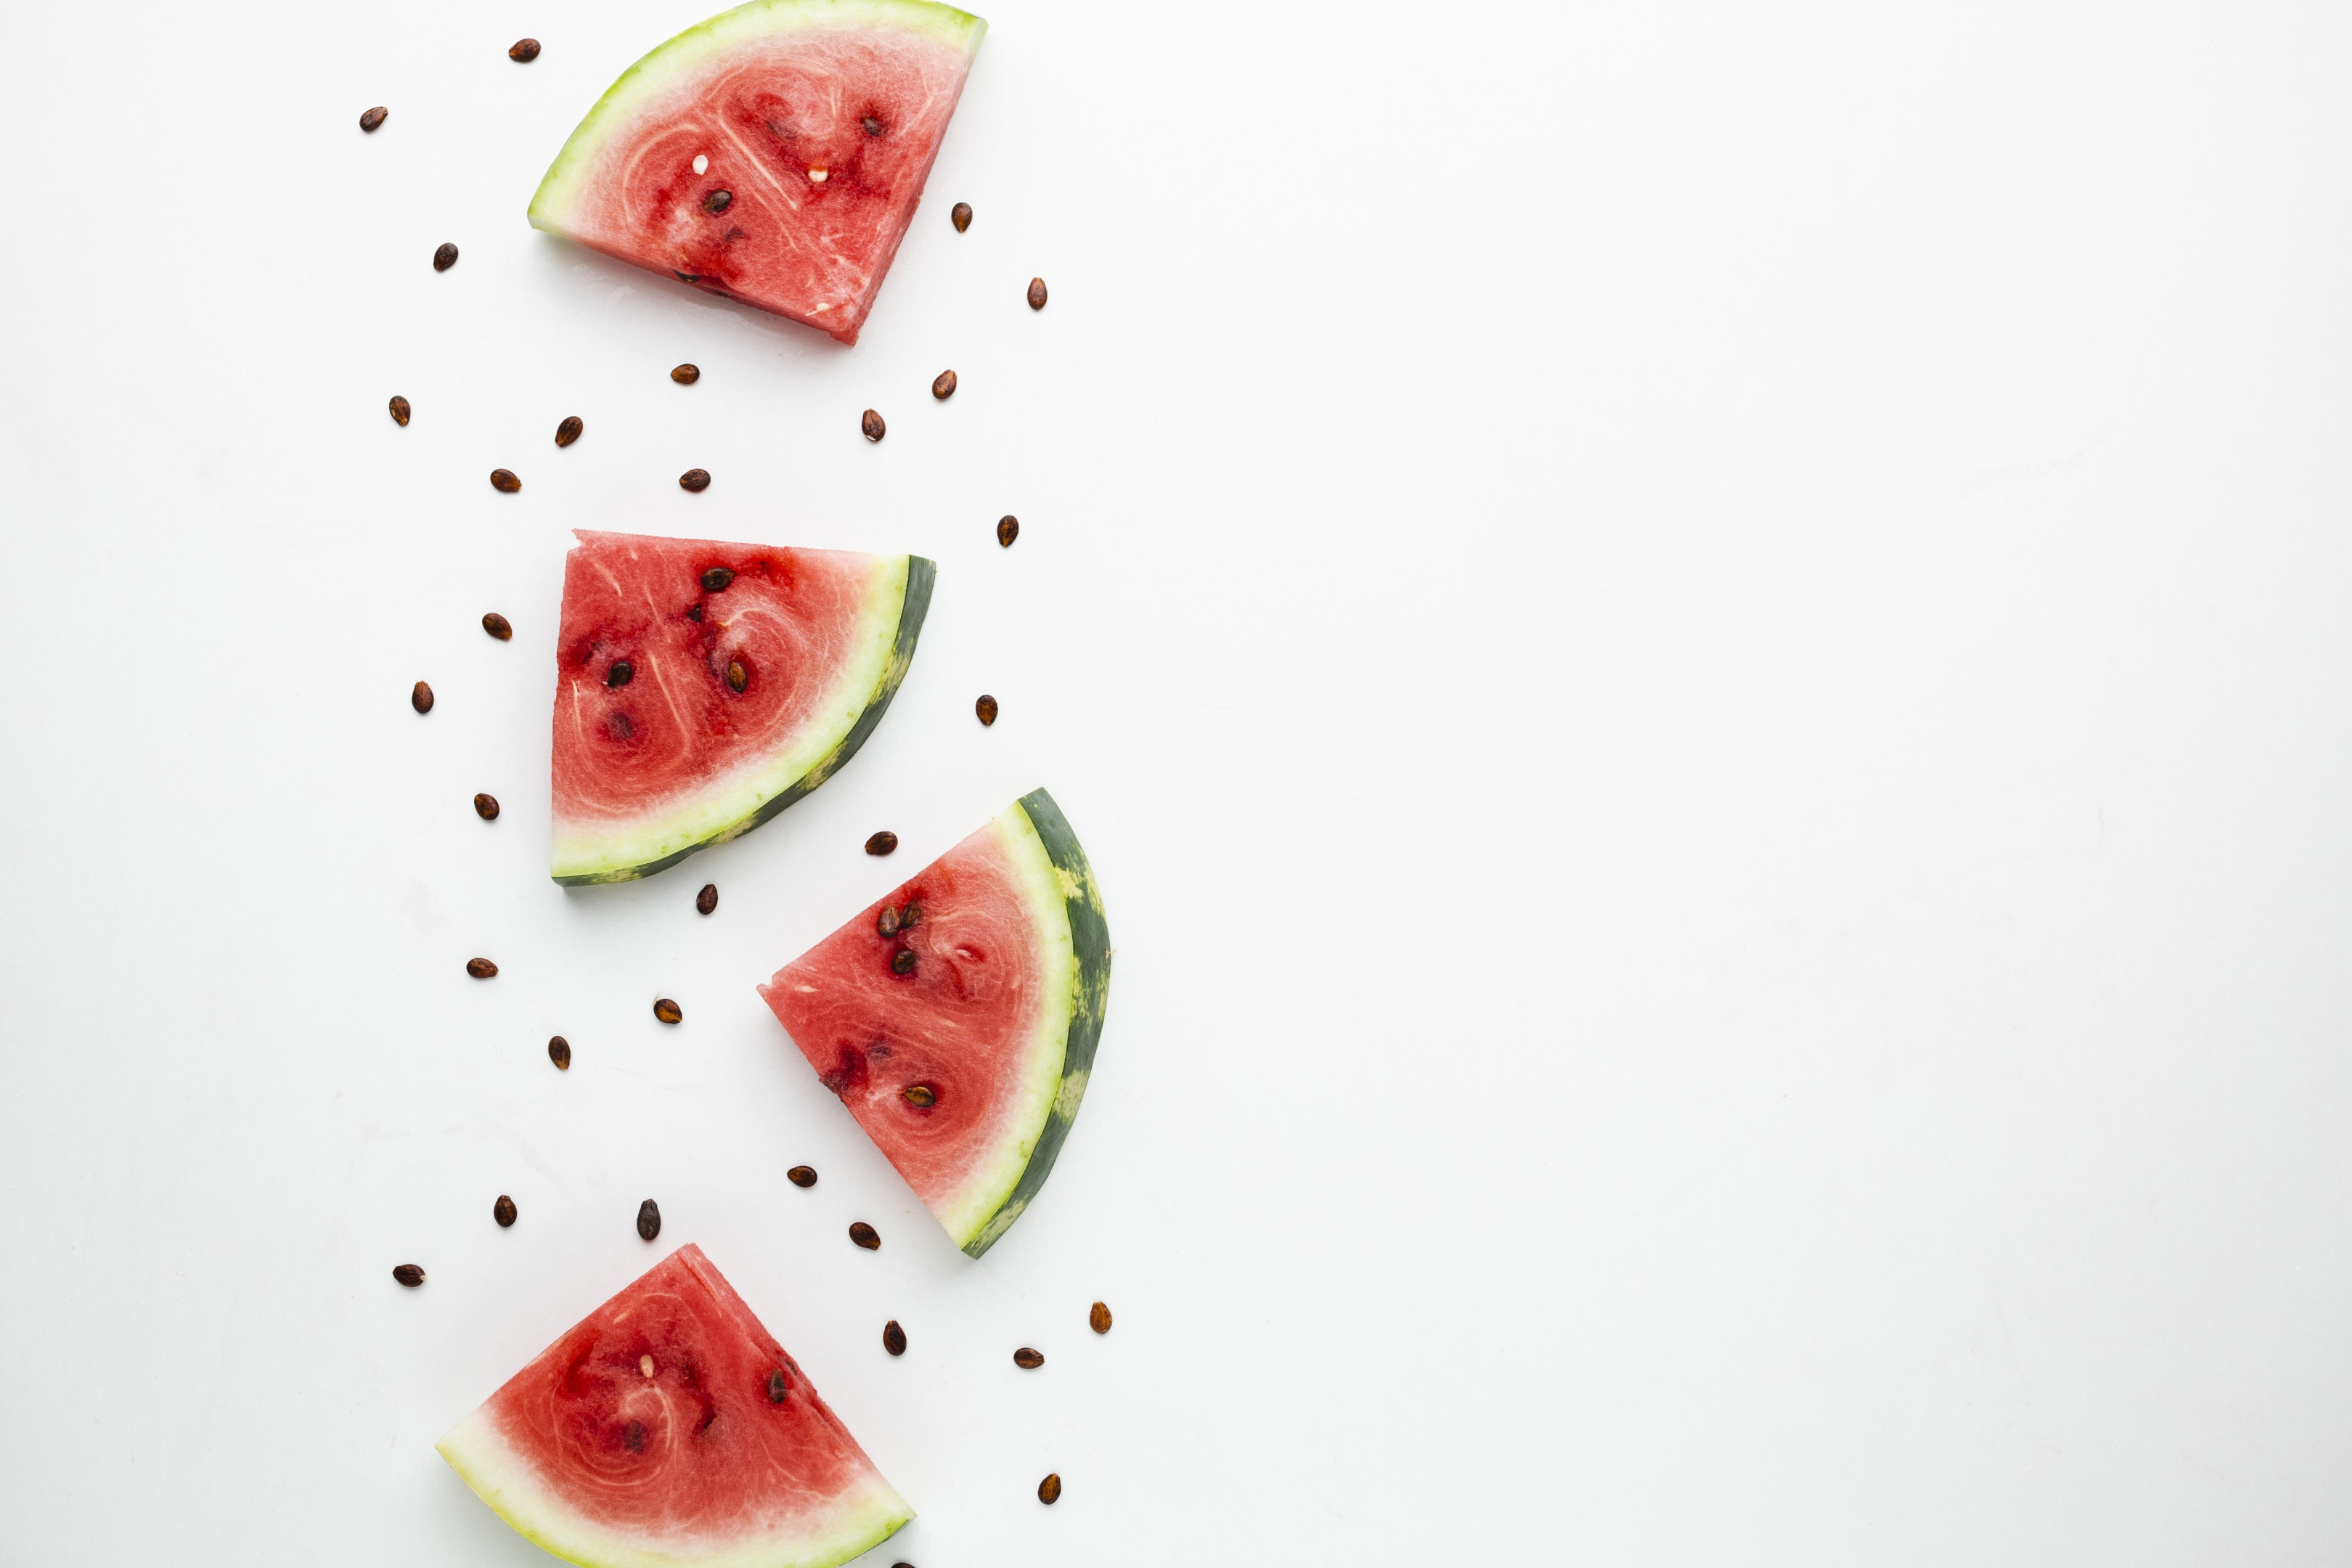 Sliced watermelon arrangement on white background